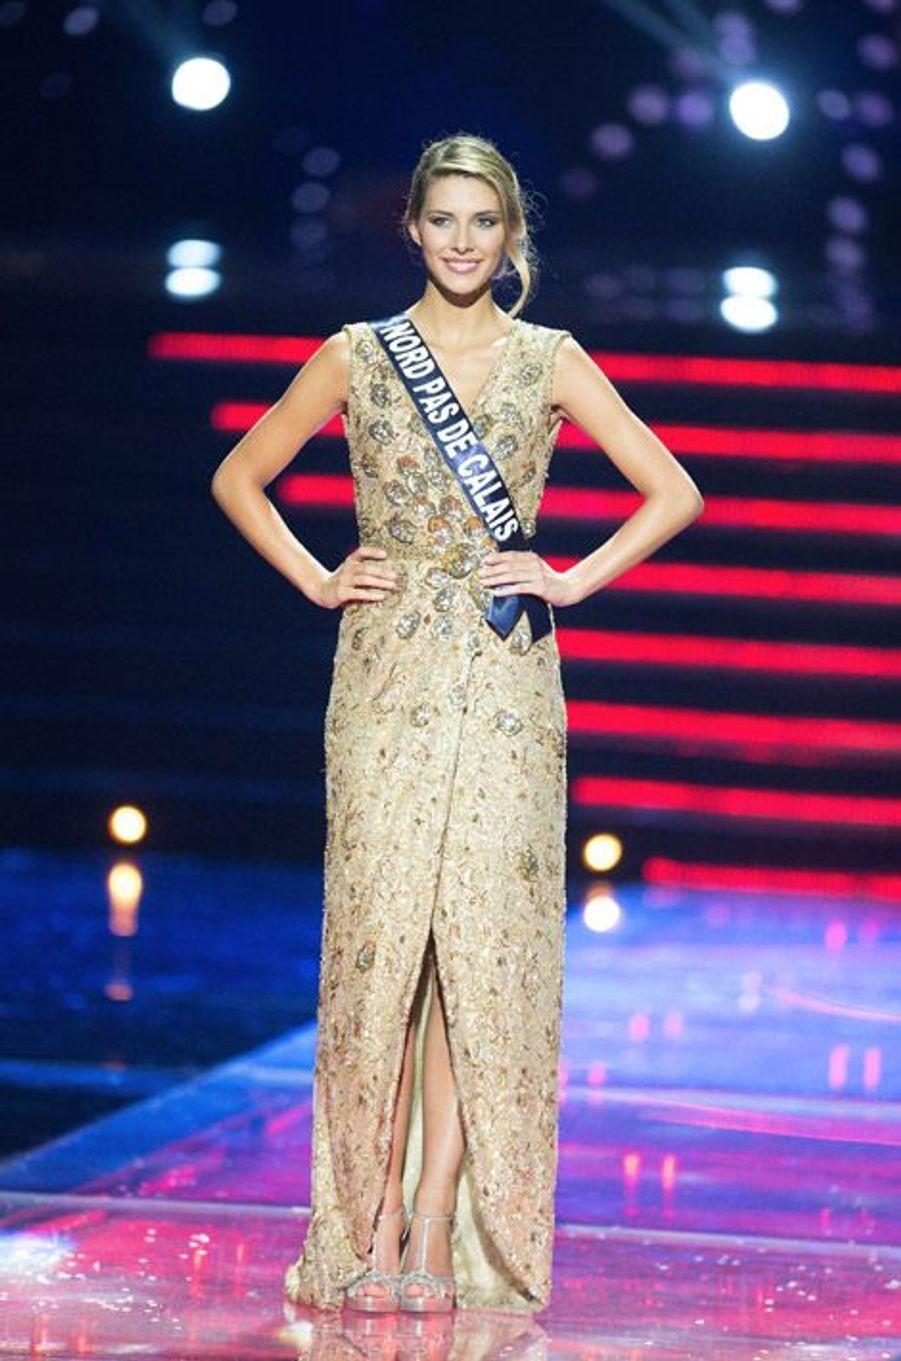 En robe de soirée lors de l'élection Miss France, le 6 décembre 2014